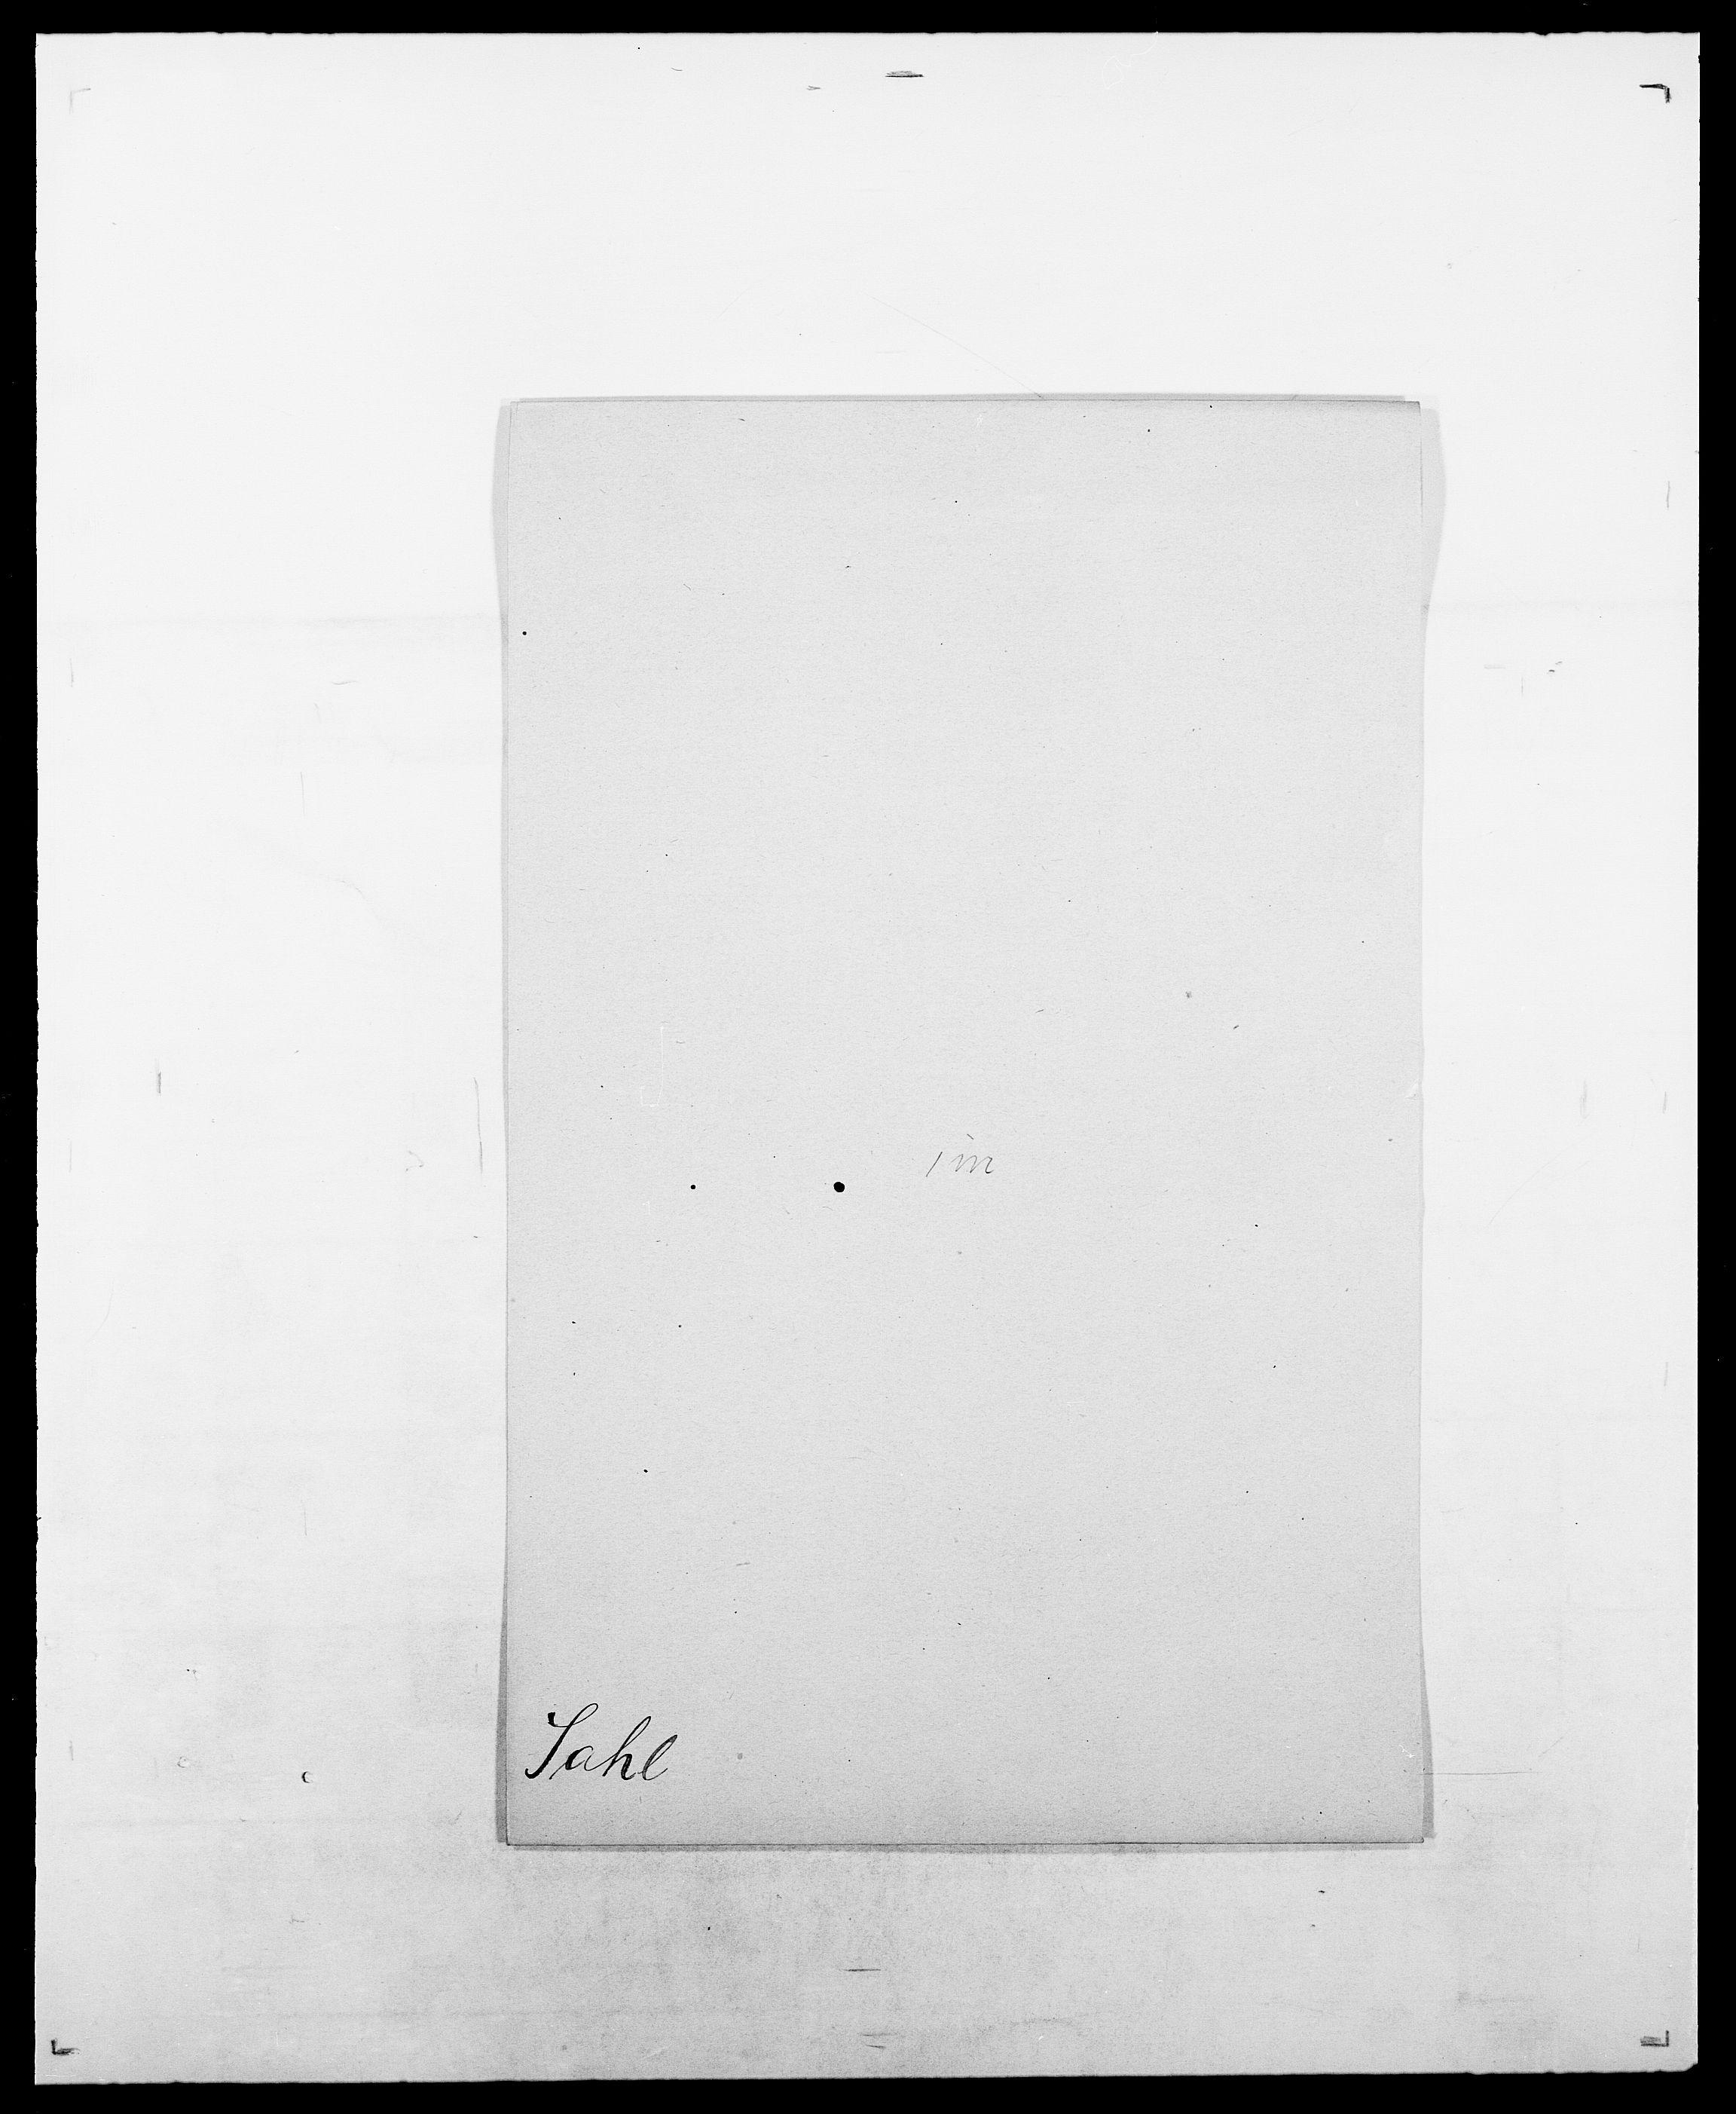 SAO, Delgobe, Charles Antoine - samling, D/Da/L0034: Saabye - Schmincke, s. 39